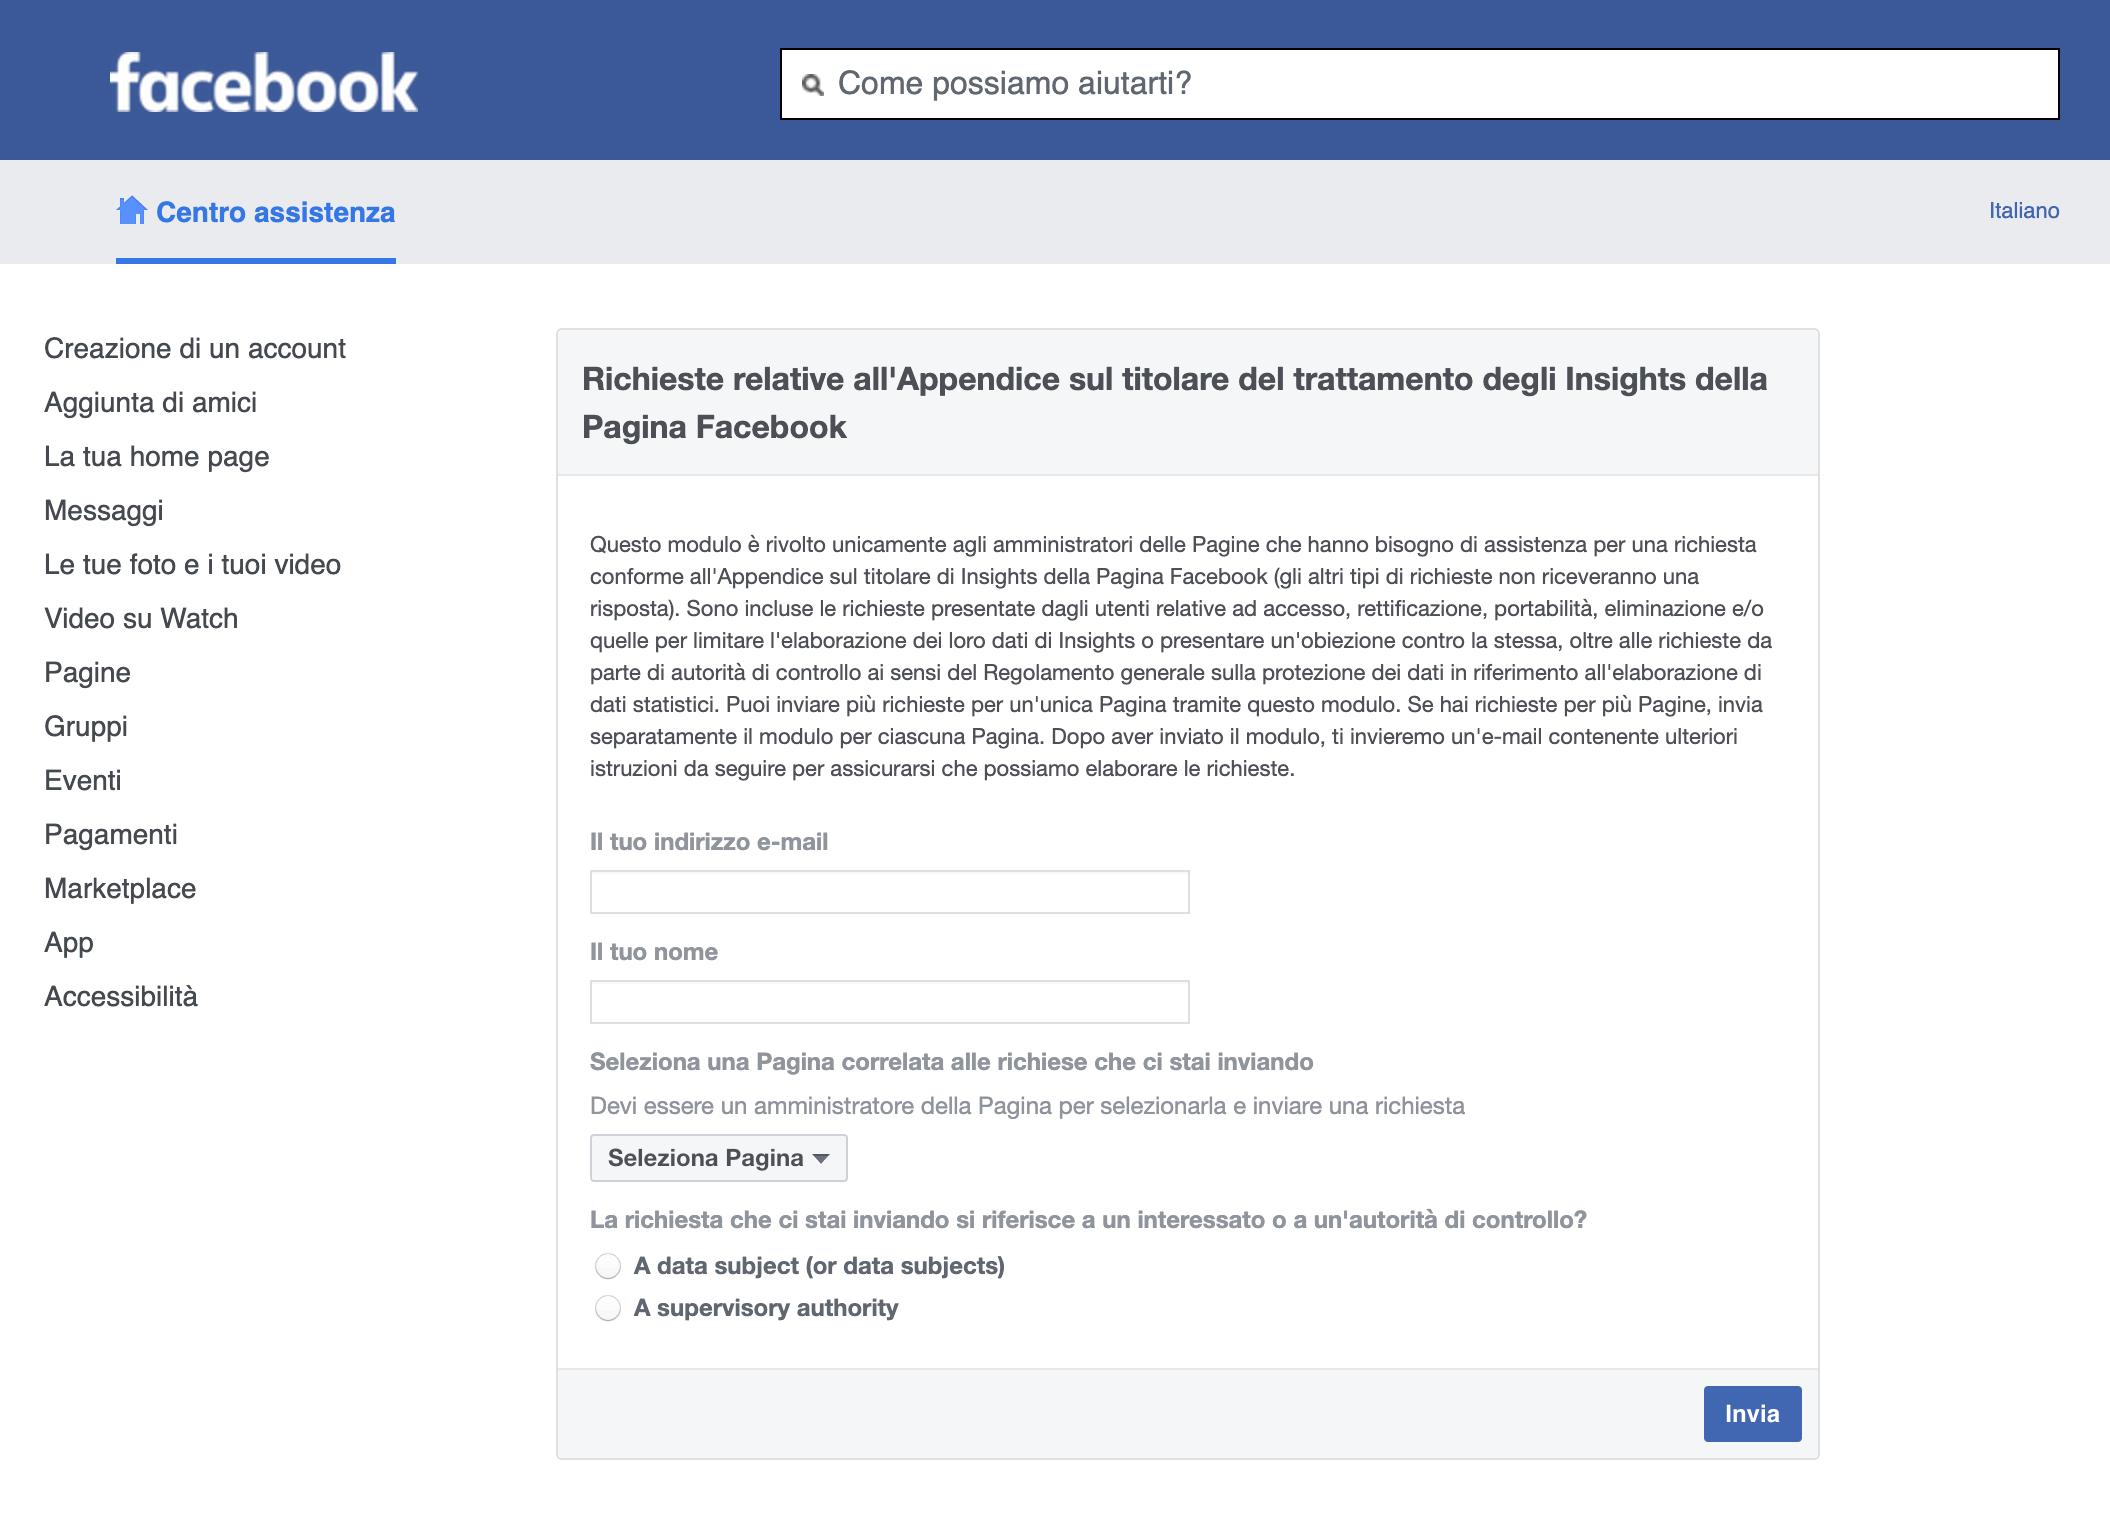 Richieste relative all'Appendice sul titolare del trattamento degli Insights della Pagina Facebook